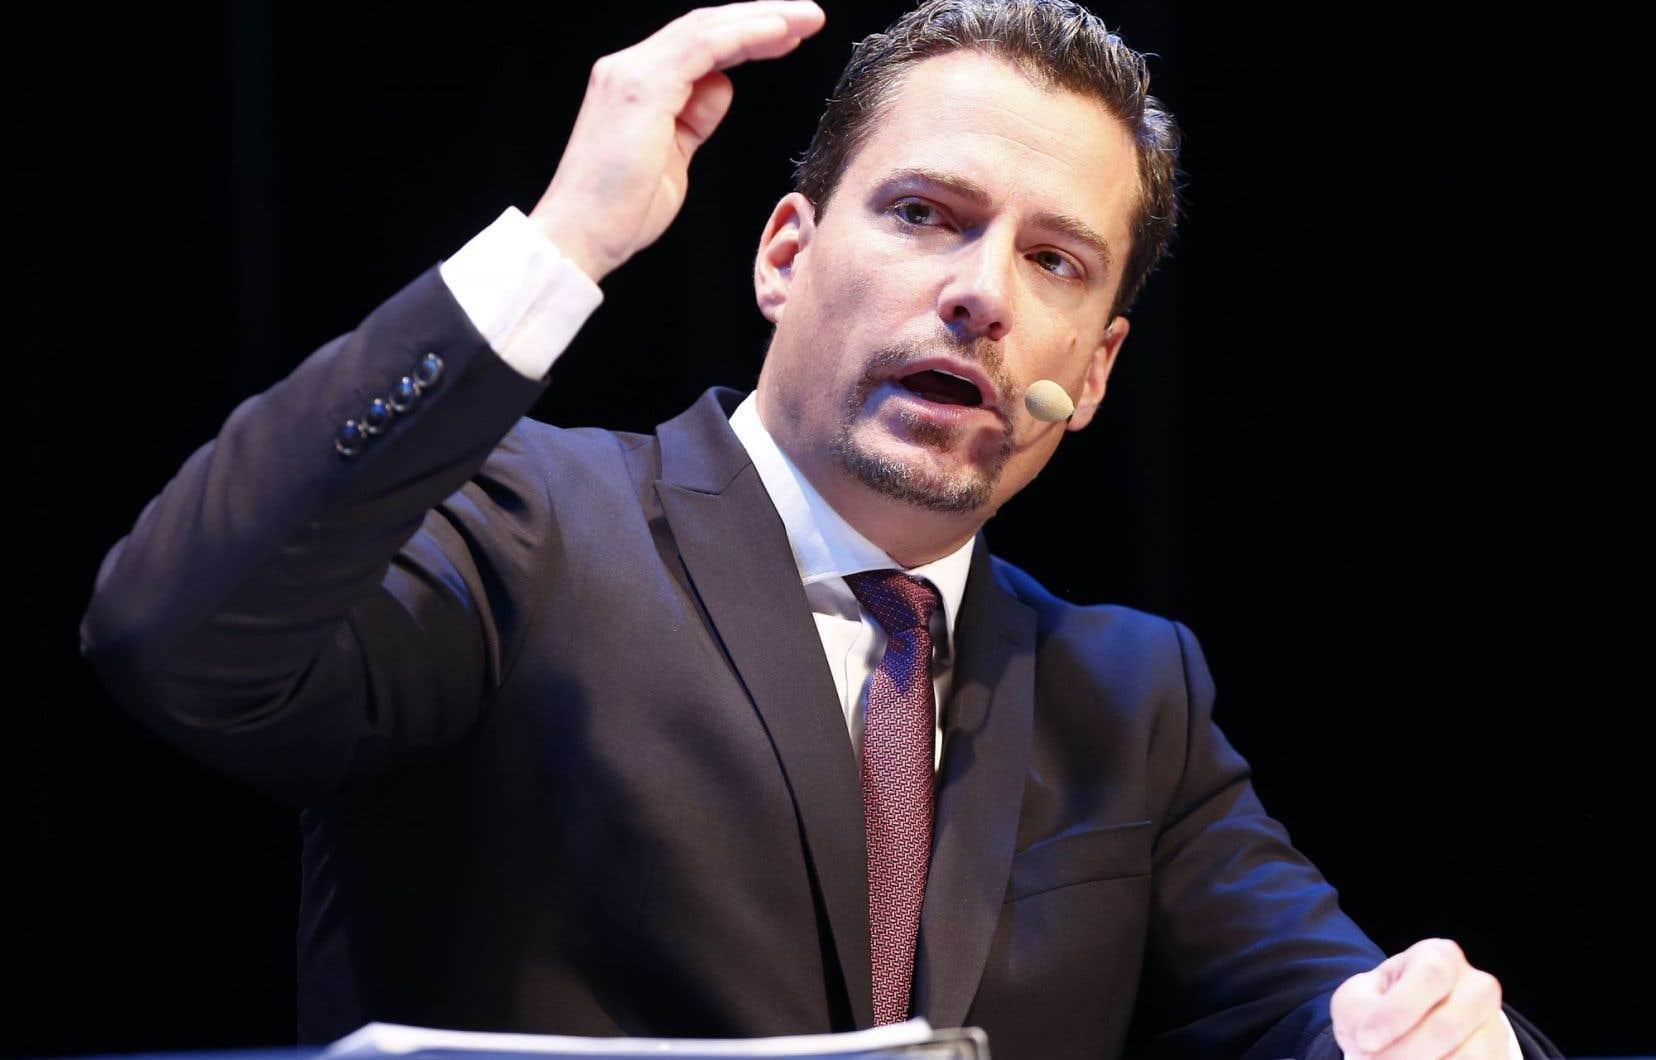 Le chef du parti Démocratie Québec durant la campagne électorale, David Lemelin